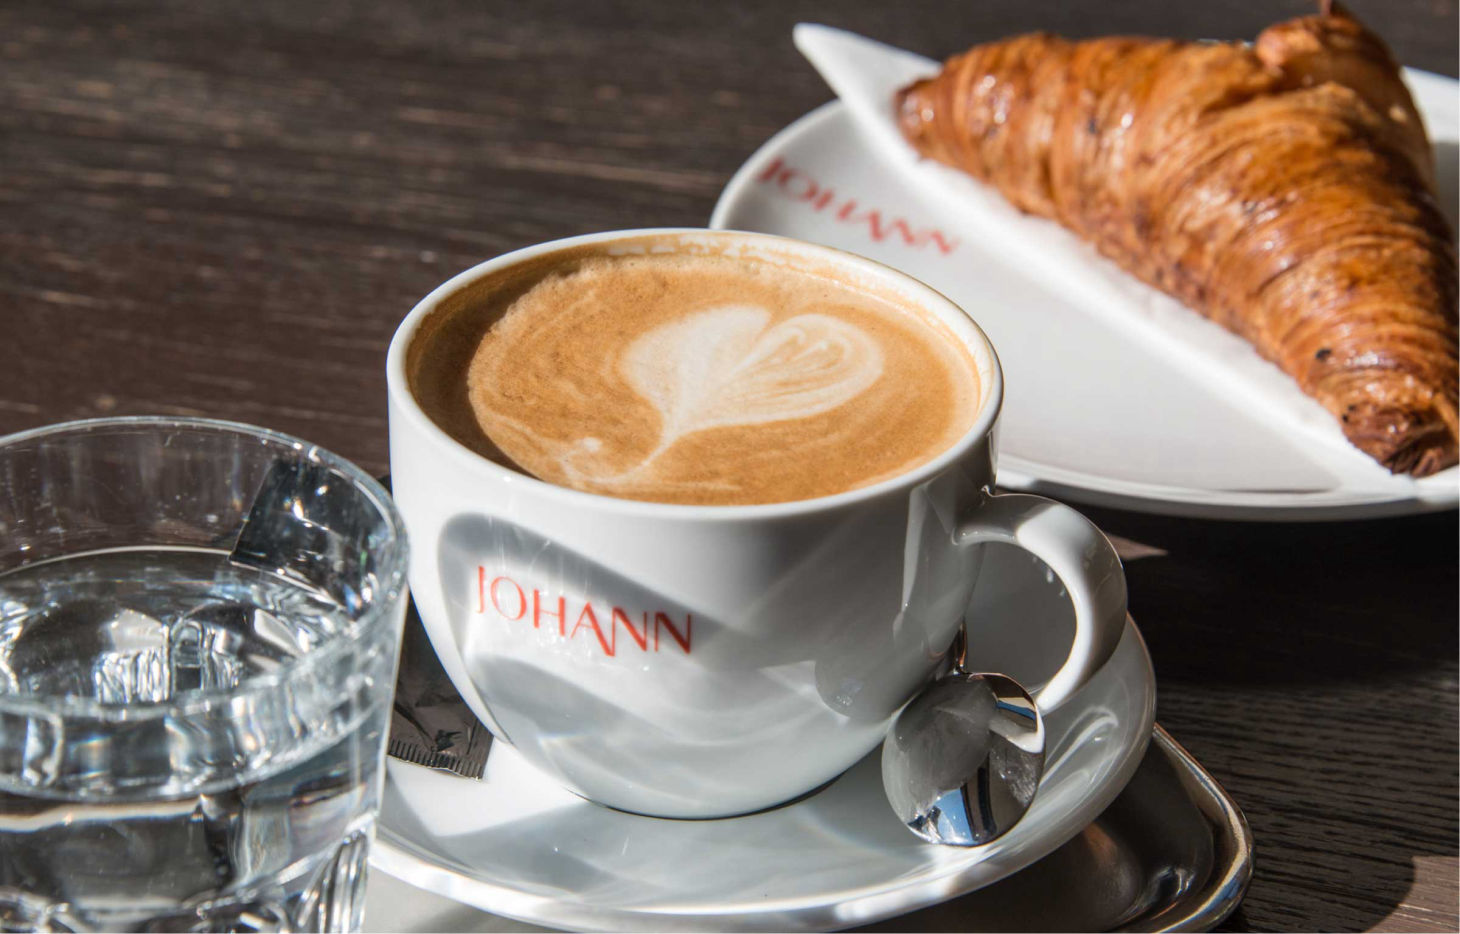 Johann - Cafe Bar